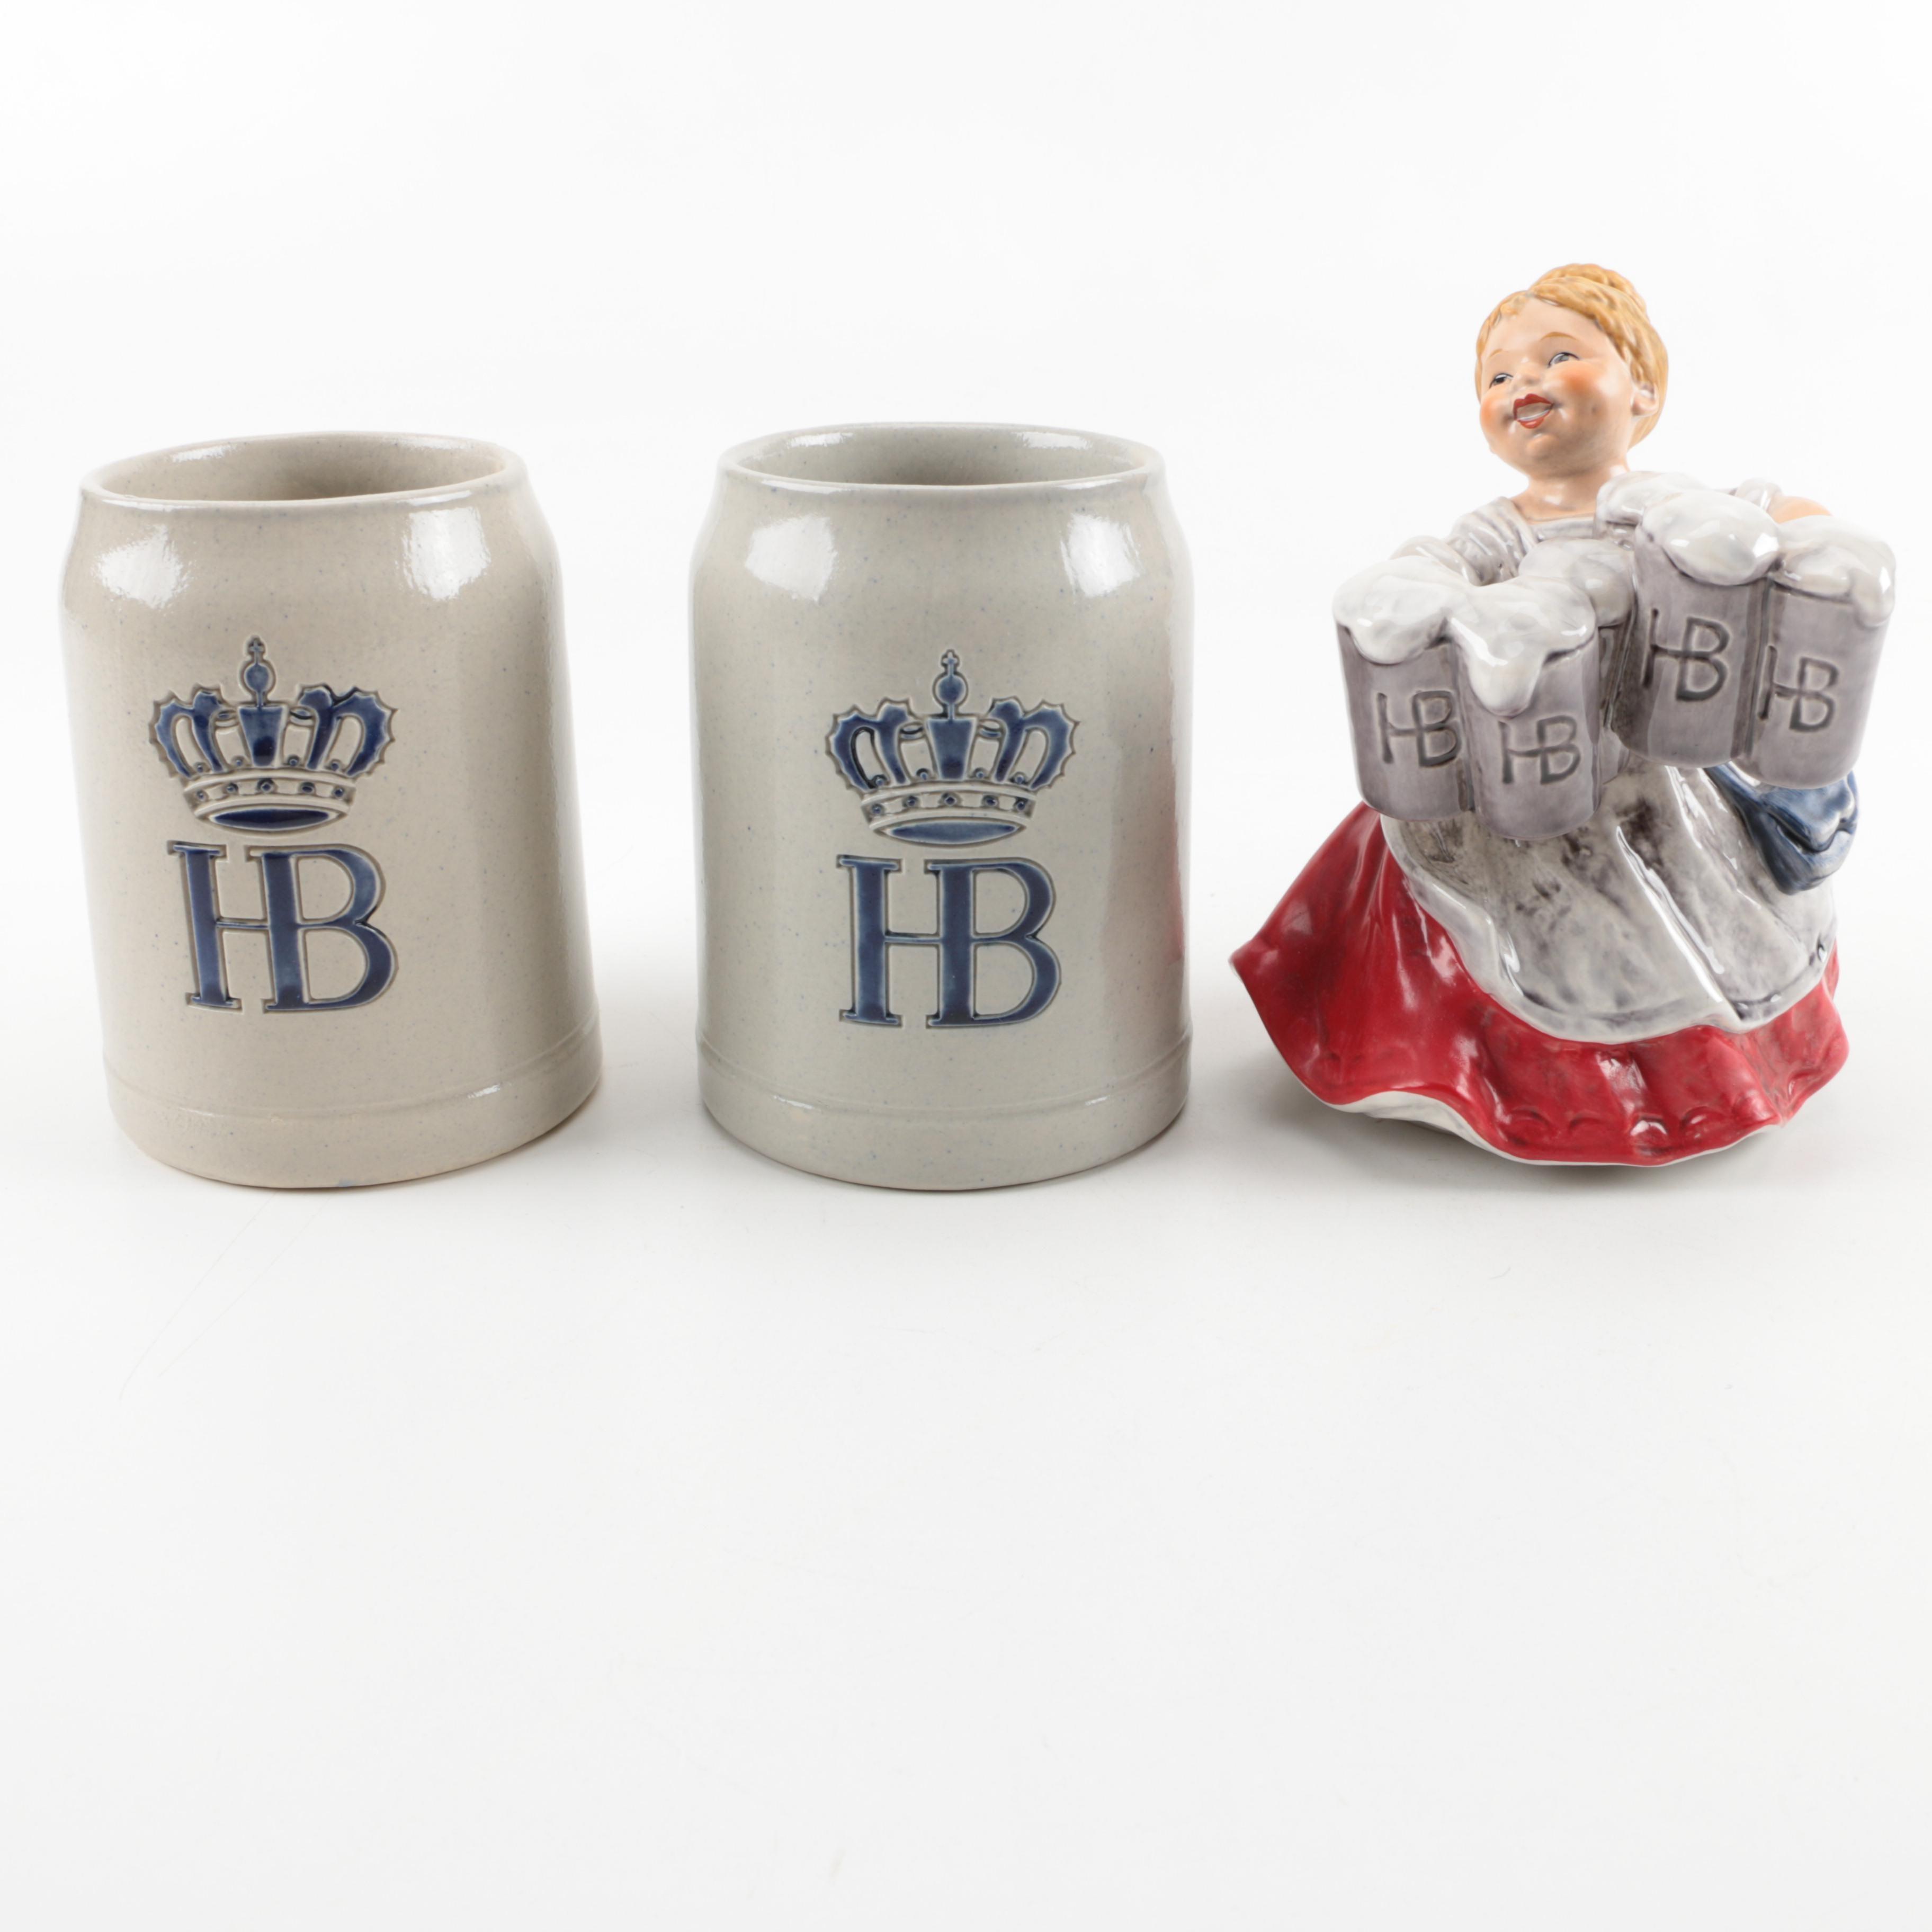 Hofbräu Steins with Goebel Beer Maid Figurine